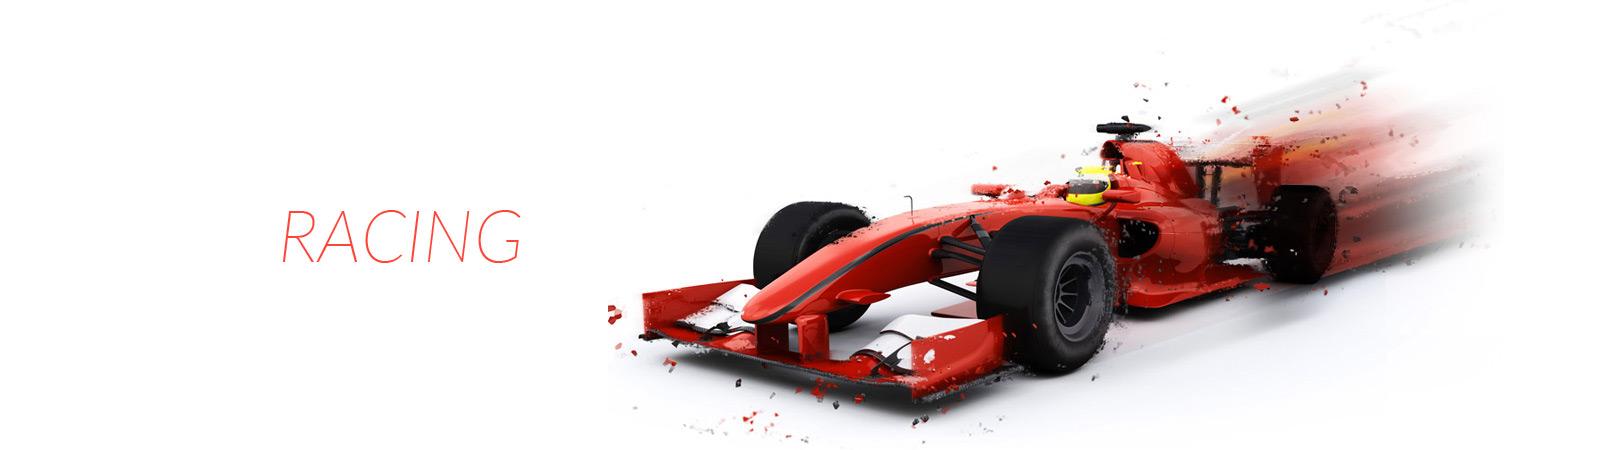 racing_slide_wText